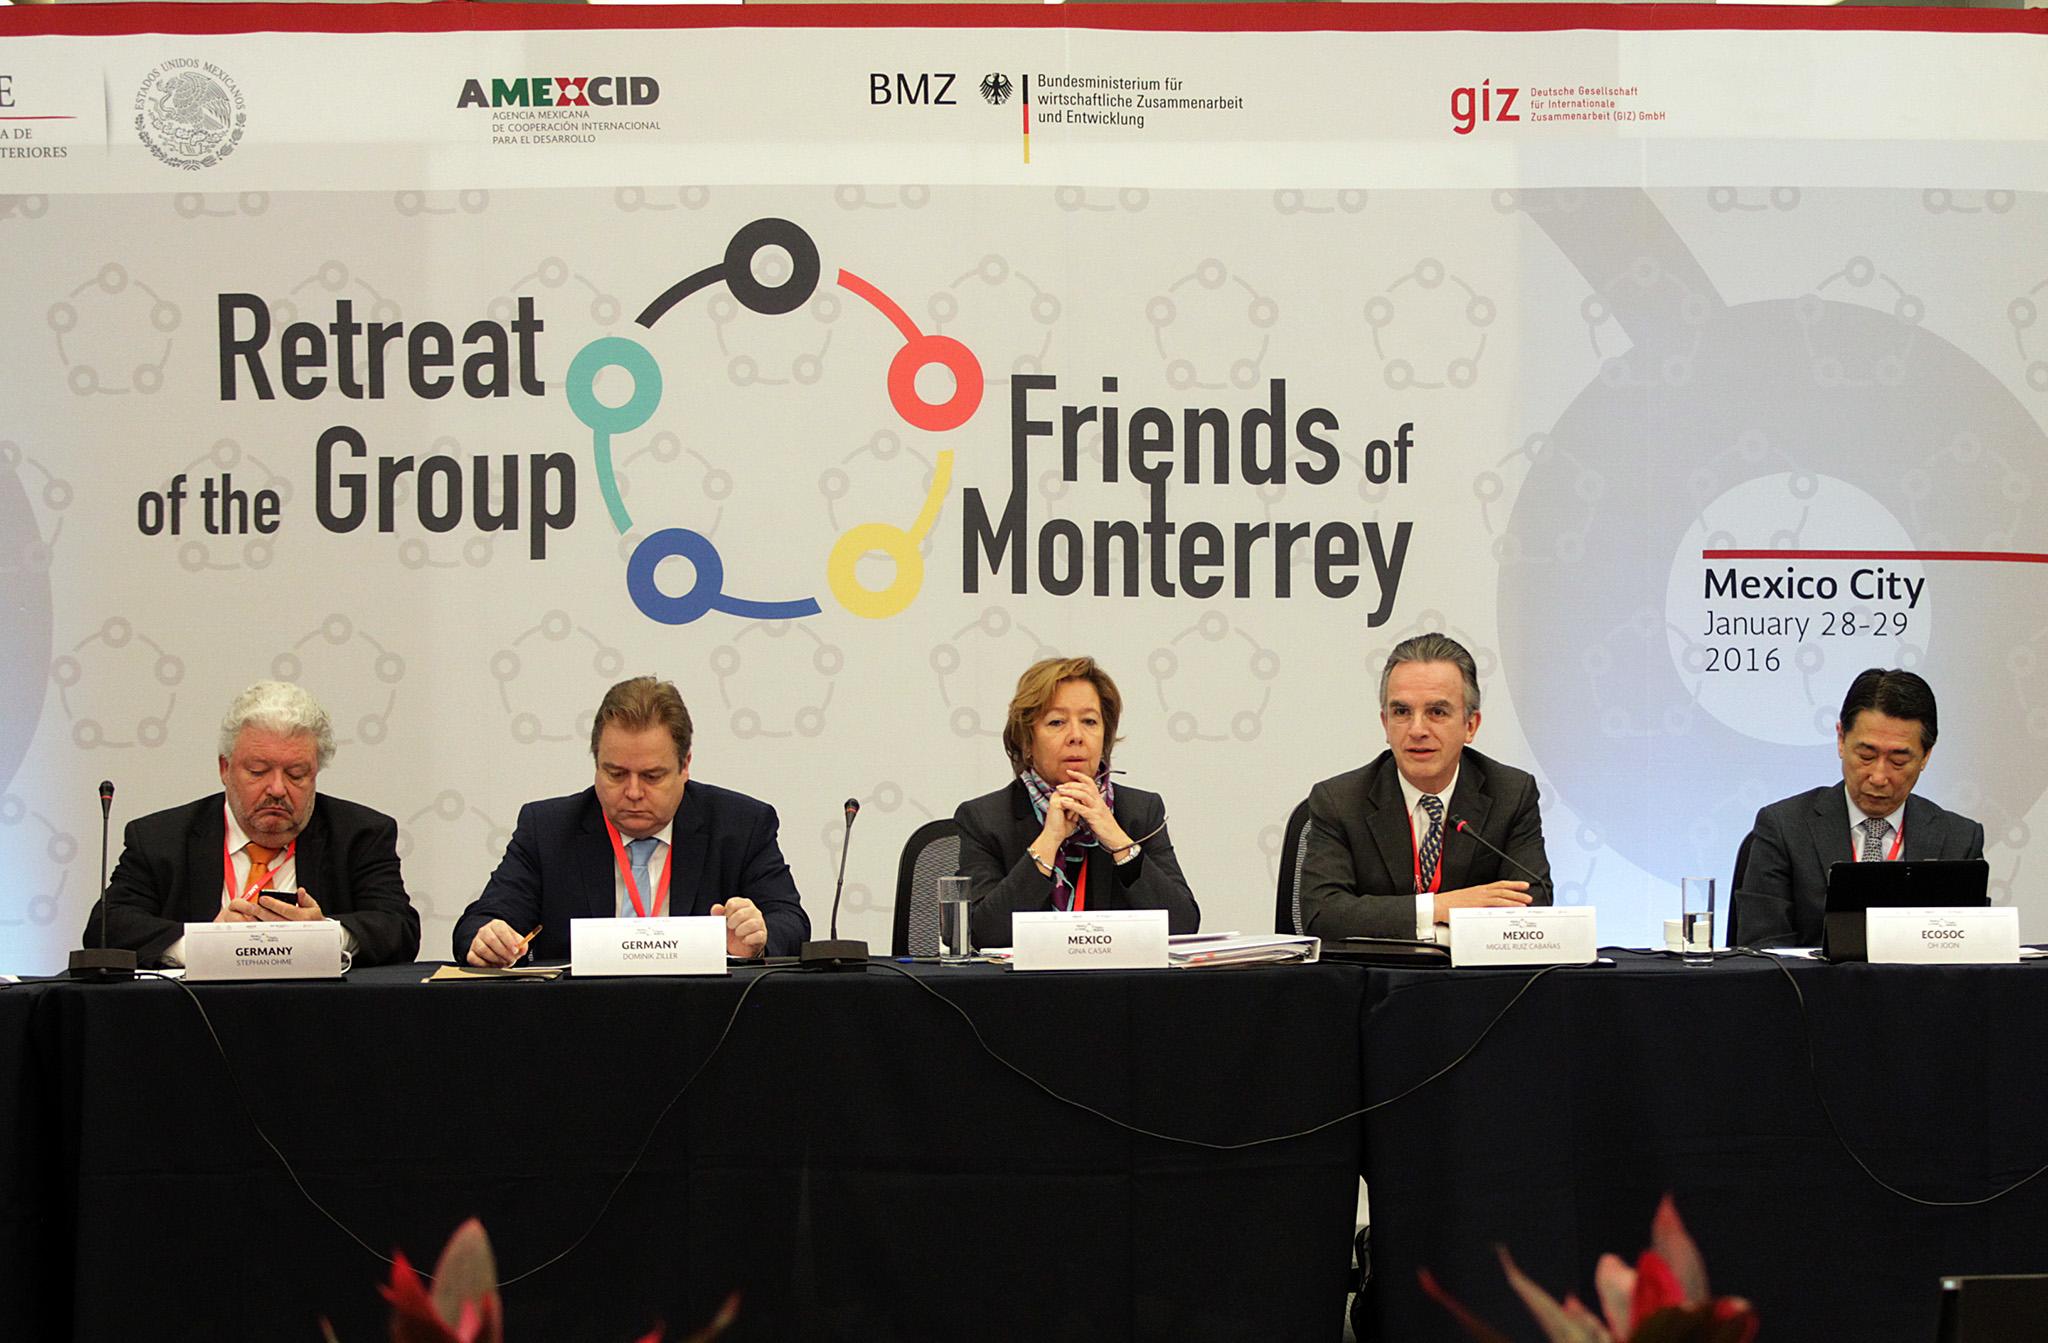 FOTO 1 Mar a Eugenia Casar P rez  Directora de la AMEXCID  y el Embajador Miguel Ruiz Caba as  en la reuni n Amigos de Monterreyjpg